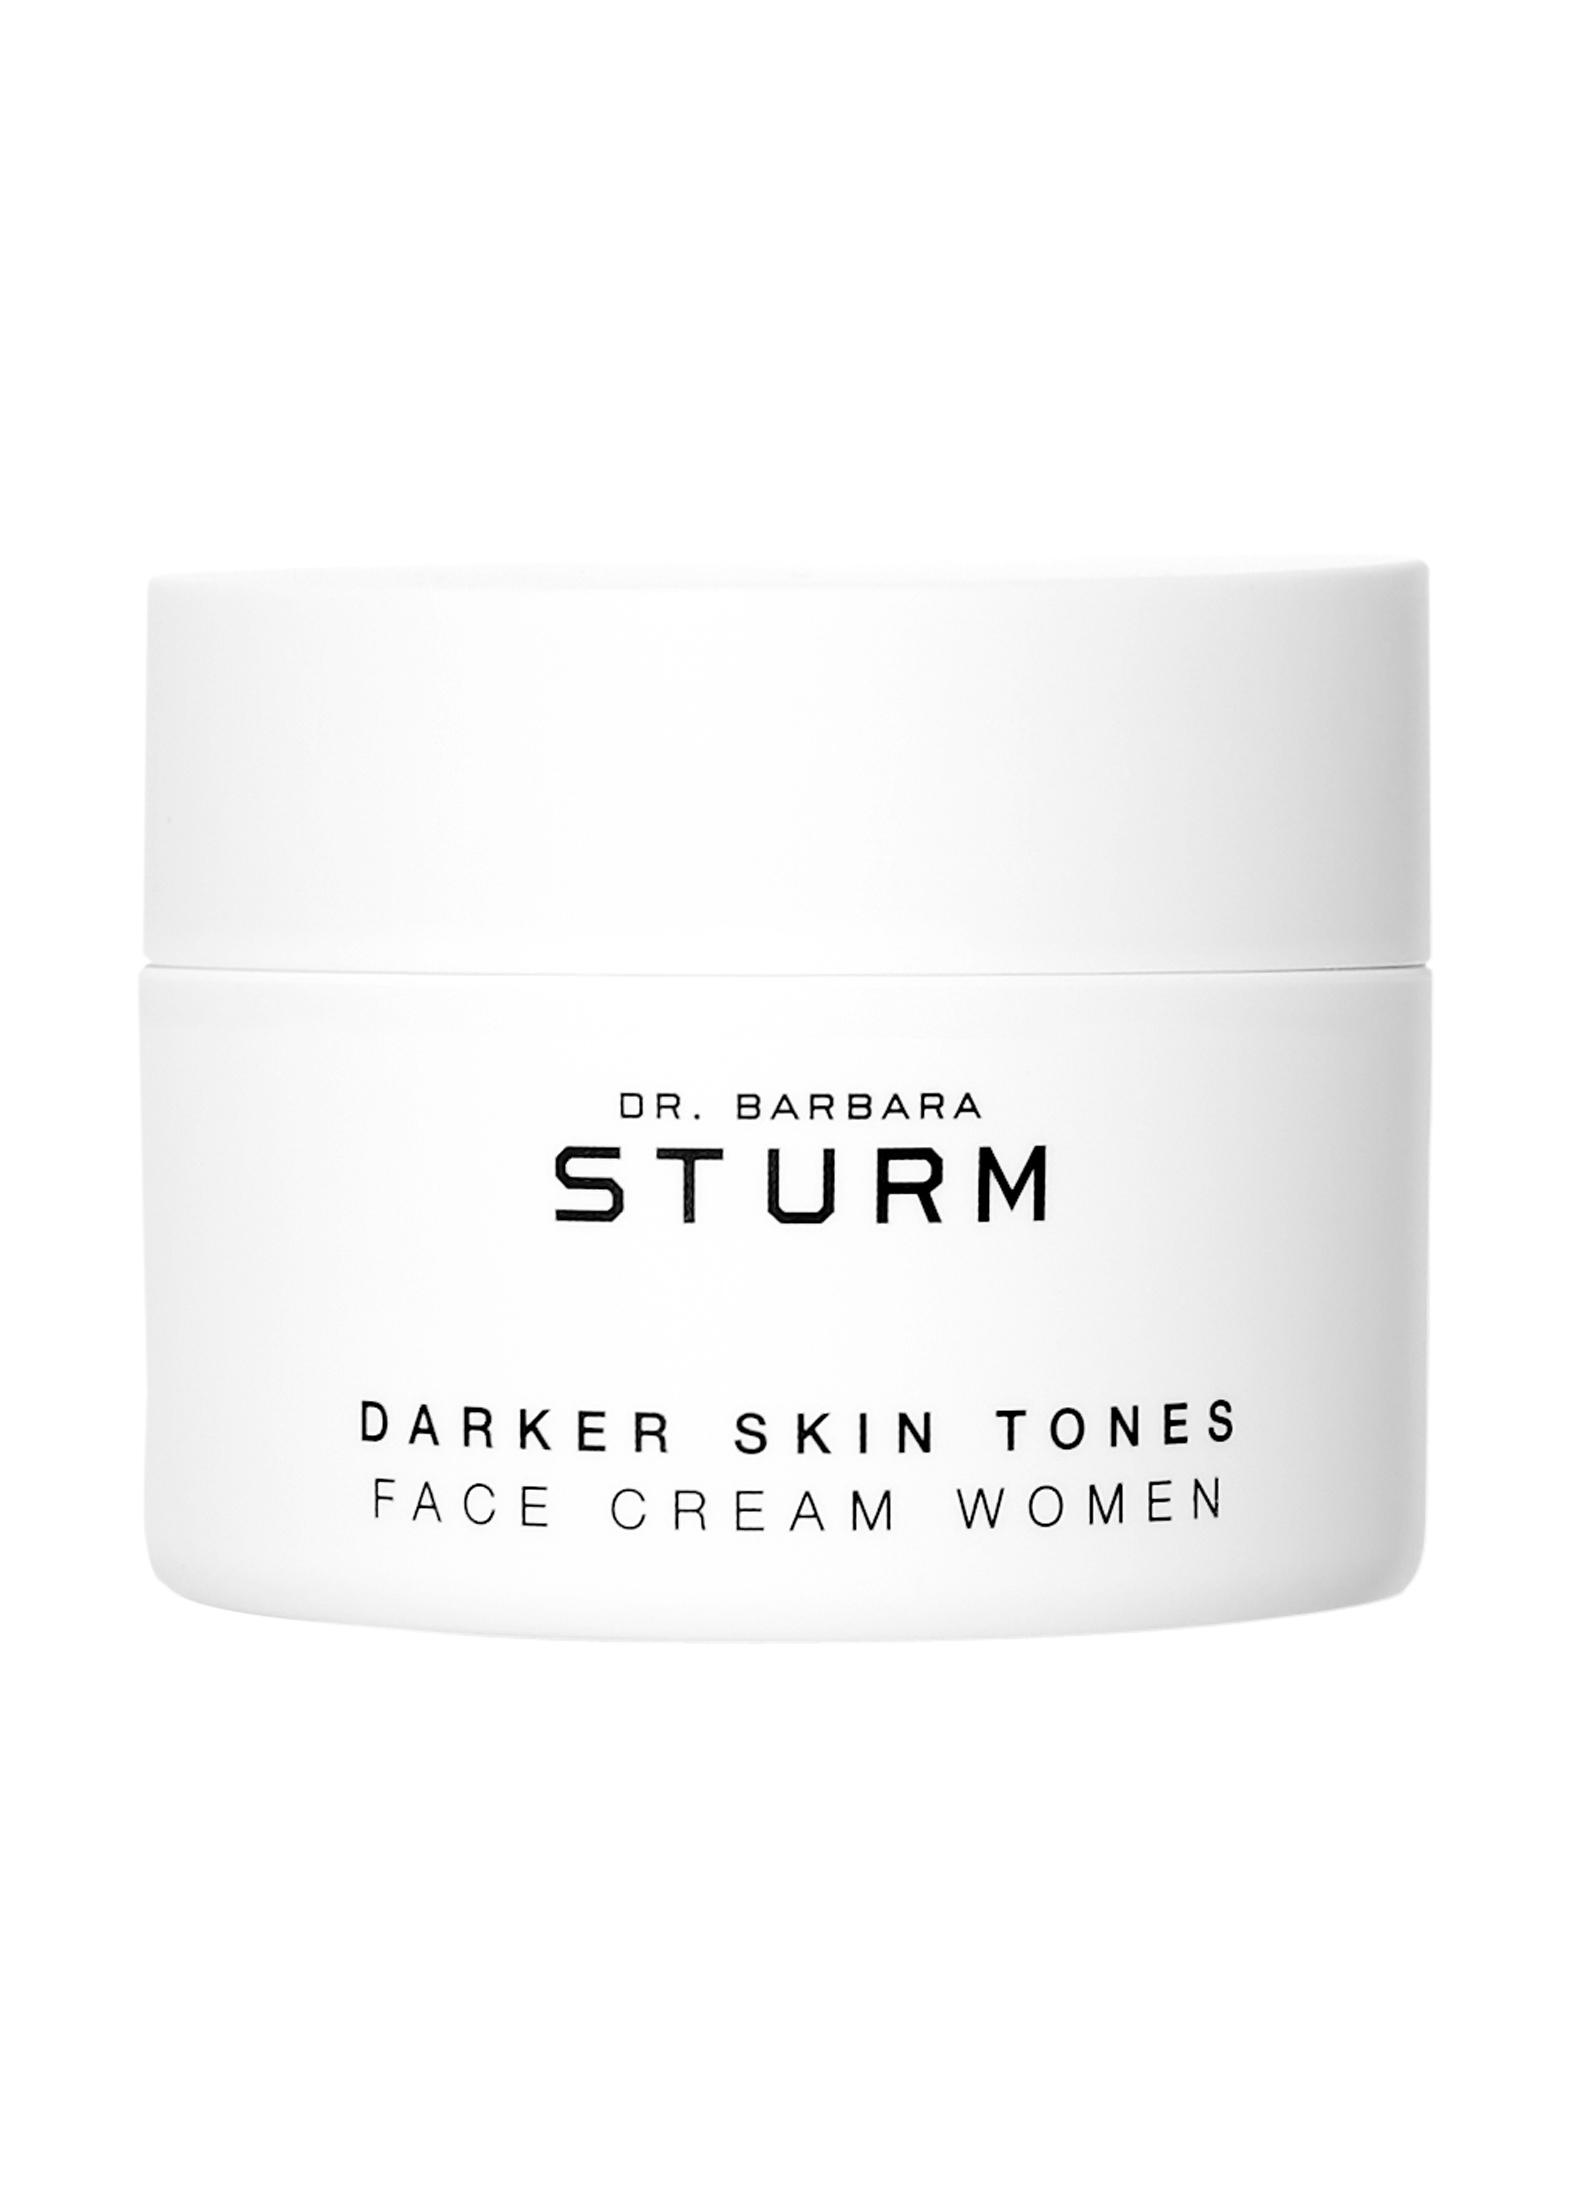 Darker Skin Tones Face Cream 50ml image number 0